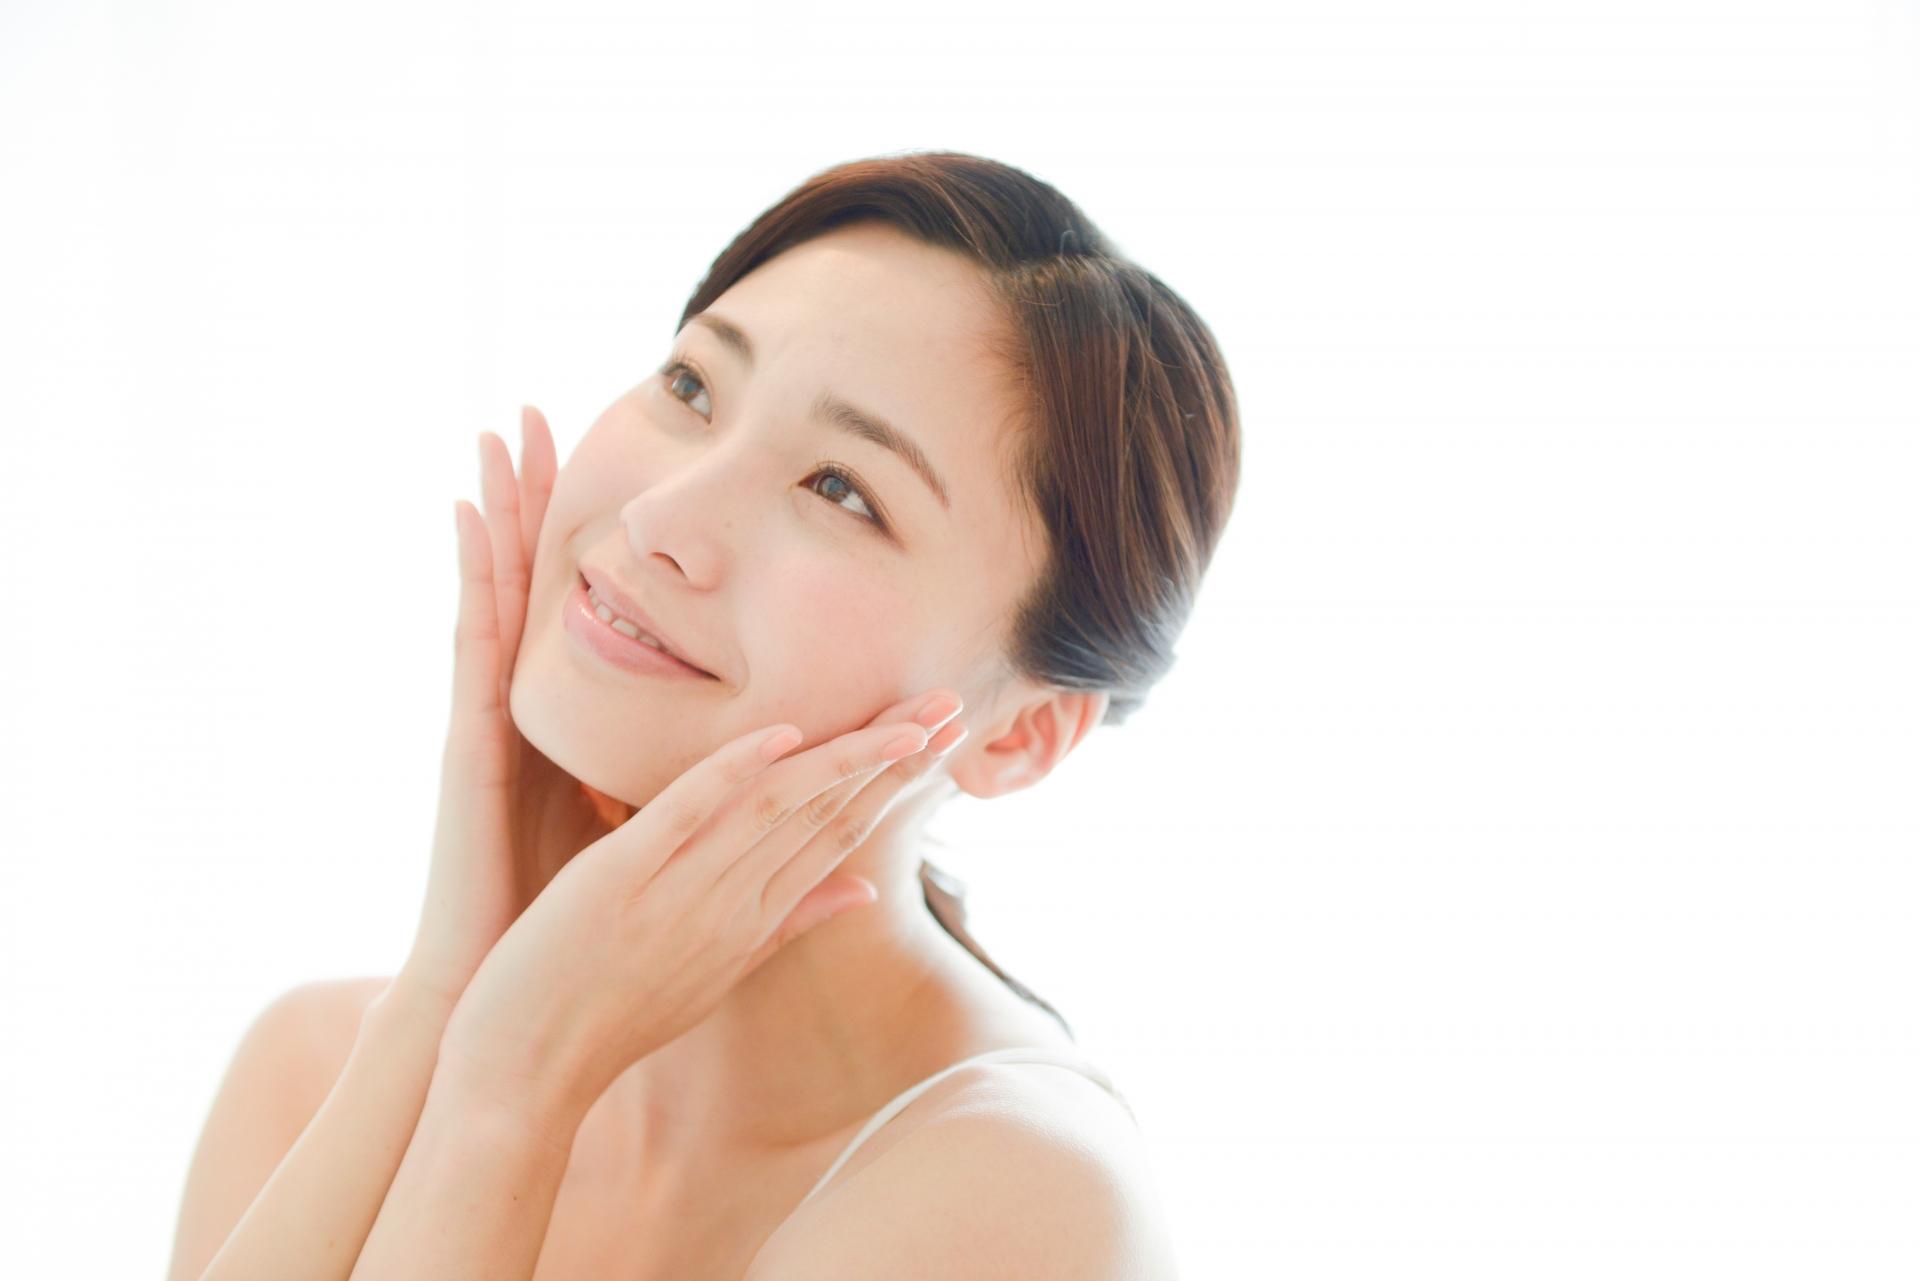 基礎化粧品で一番お金をかけるべき美容液の役割